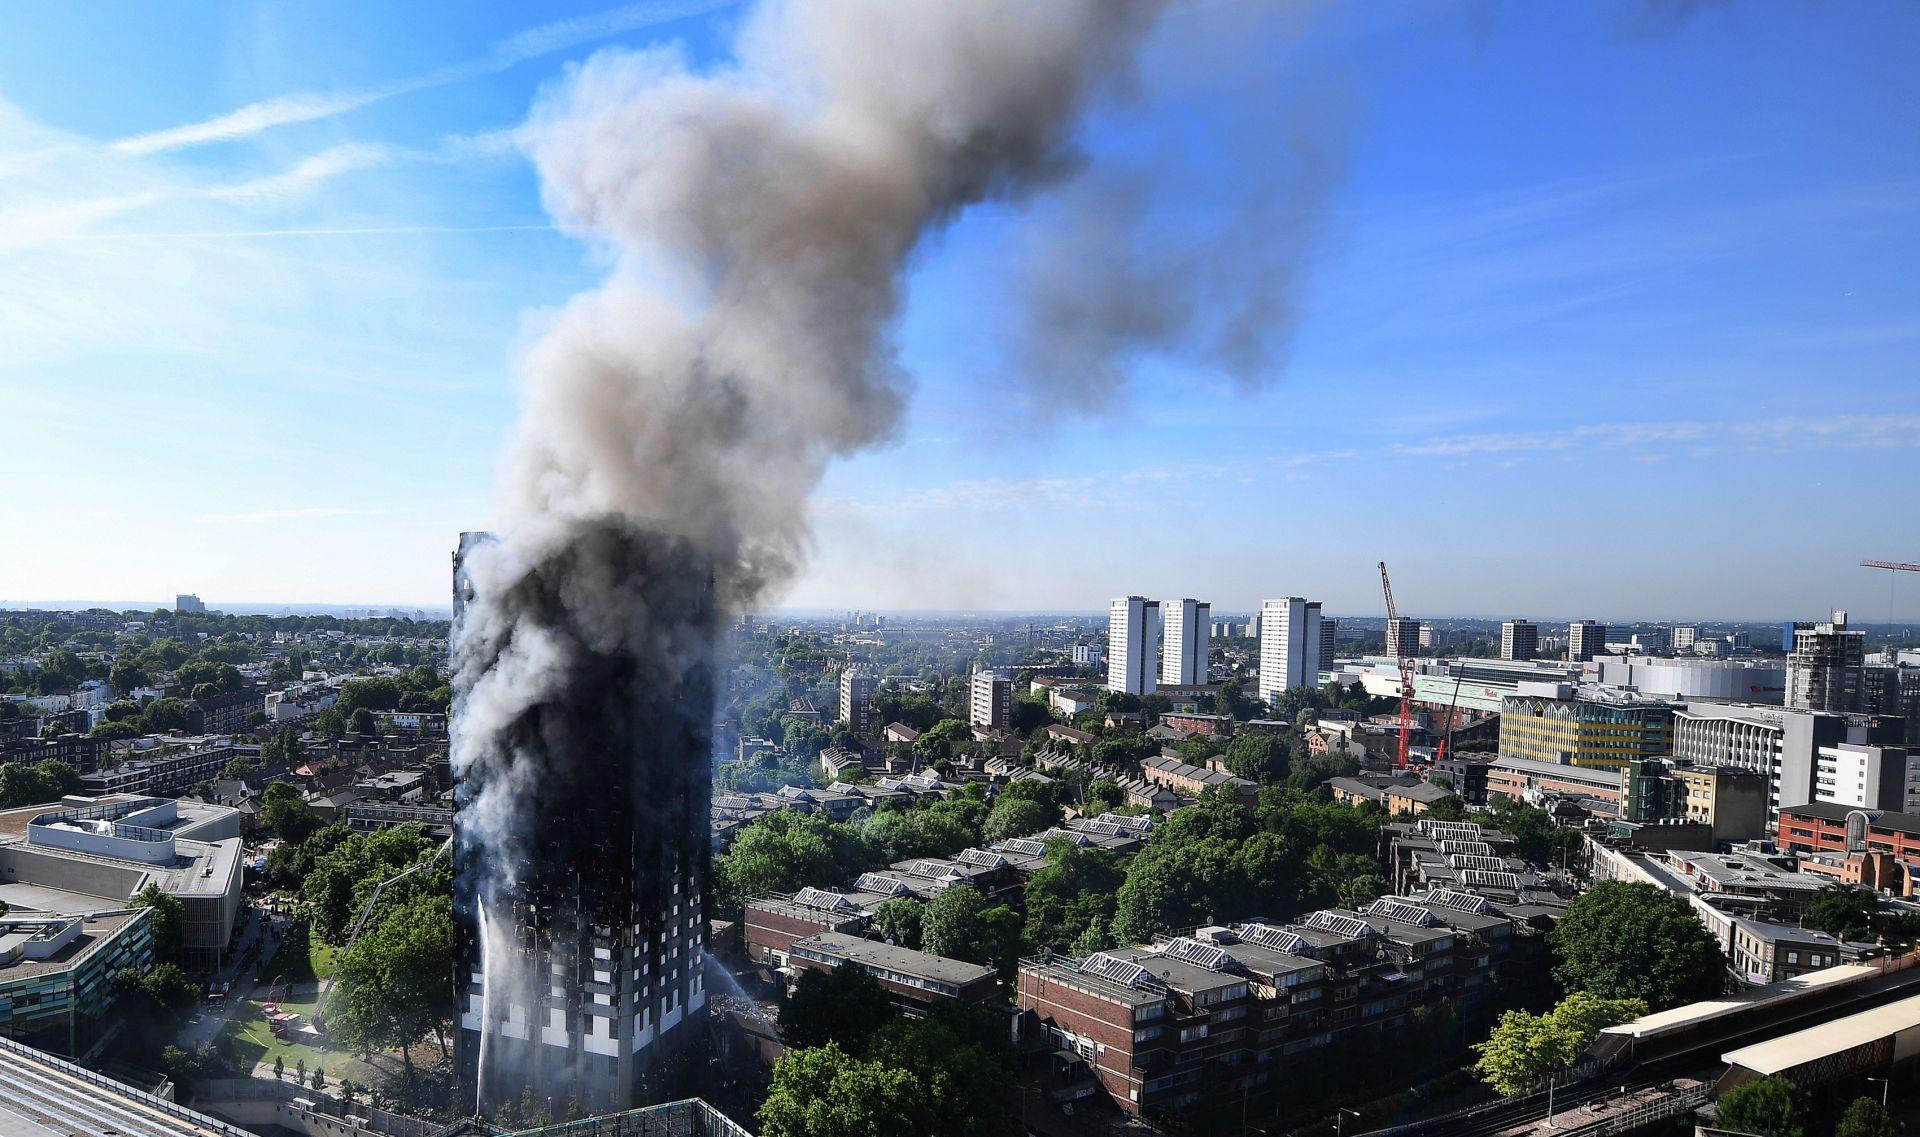 POŽAR U LONDONU Postavljen loš materijal da bi zgrada izgledala luksuznije